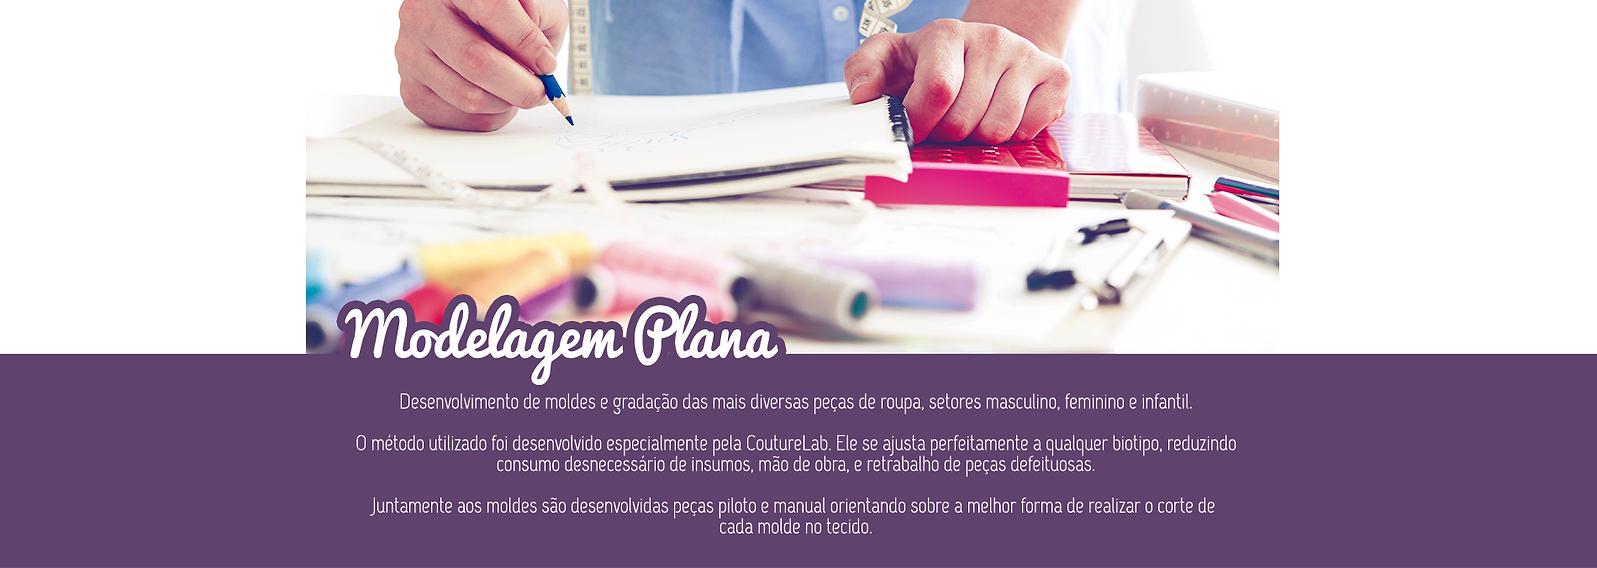 Consultoria de Modelagem Plana - CoutureLab